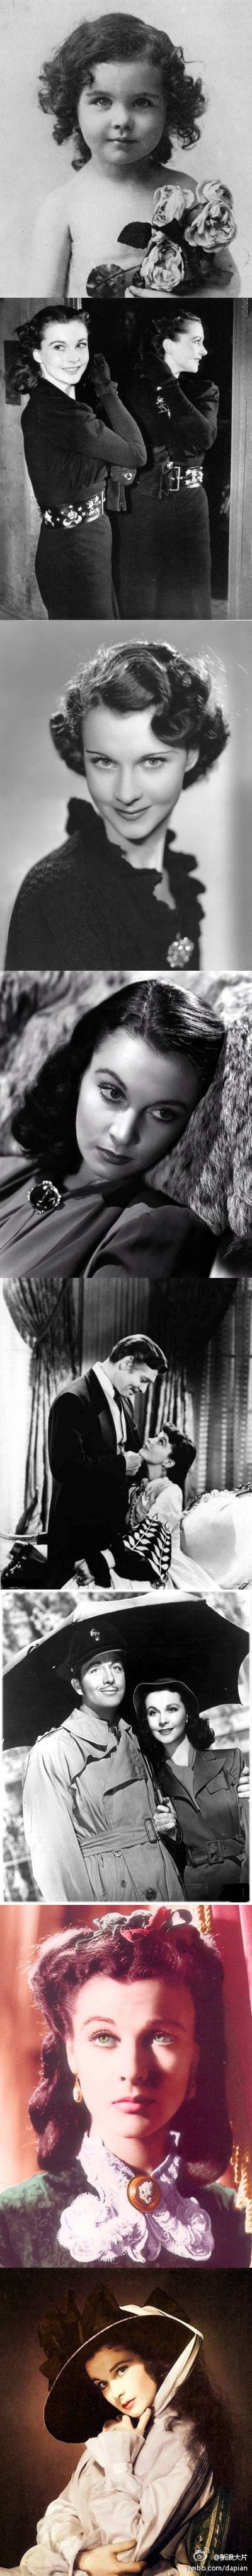 *VIVIEN LEIGH Love Vivien. Apaixonada pela artista Inglesa. Levei anos para ver o filme. Antes estudei tudo sobre ela. Biografia dela. E do esposo Laurence Olivier. Existem dois livros biográficos. Mas não se encontram mais infelizmente disponíveis.